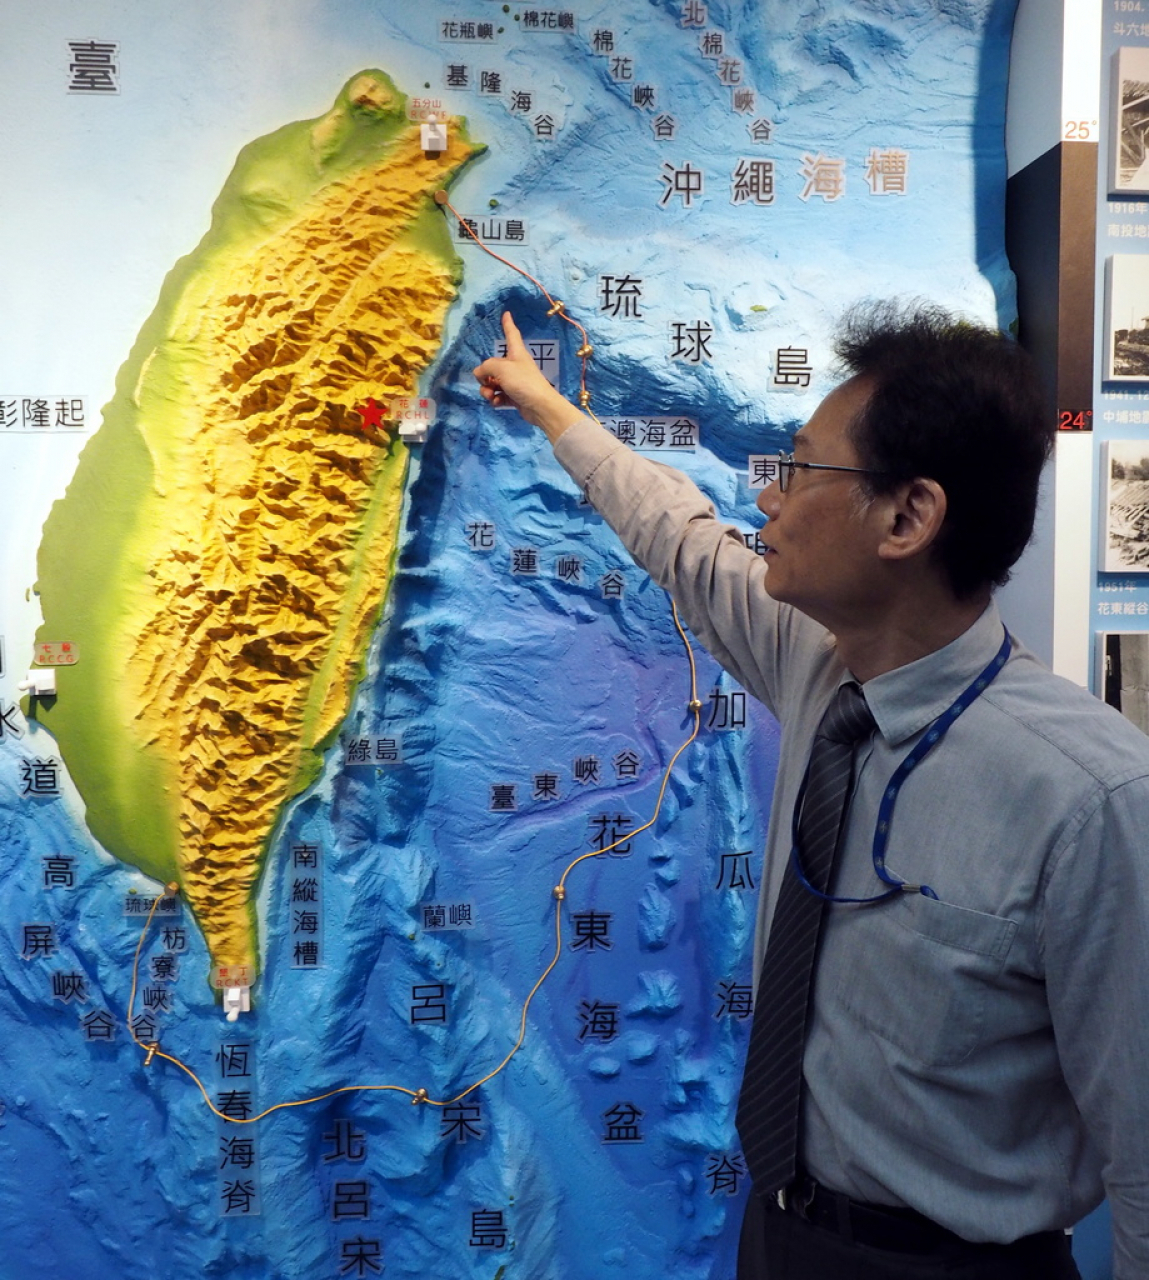 Incontri siti Web Taiwan